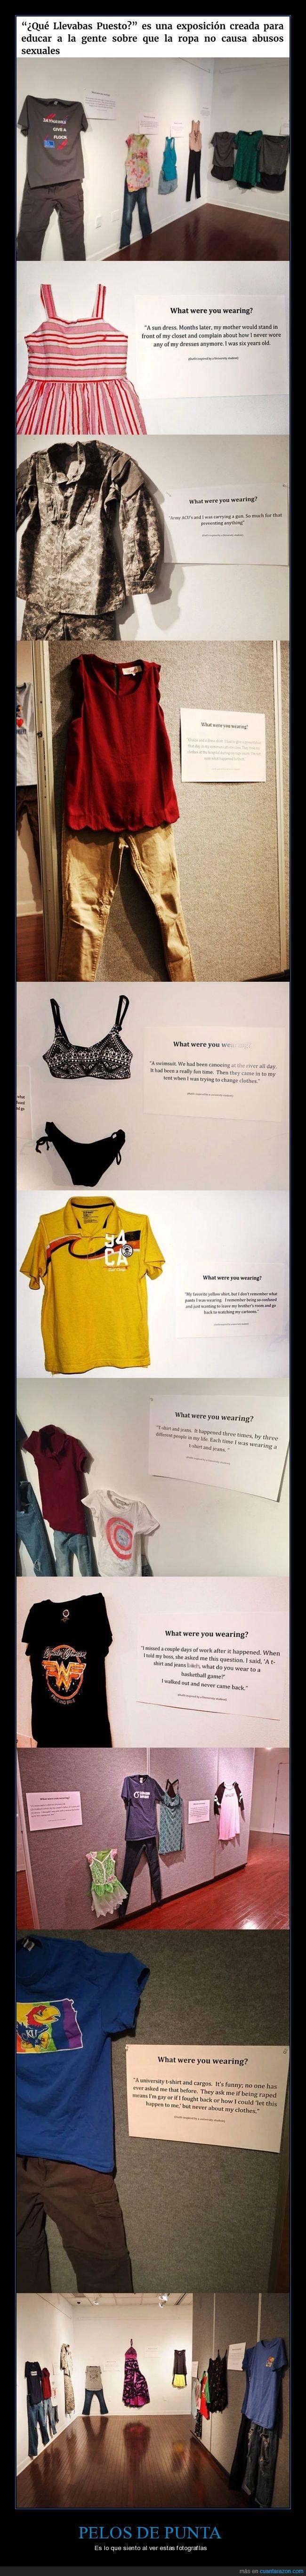 abuso,exposición,museo,ropa